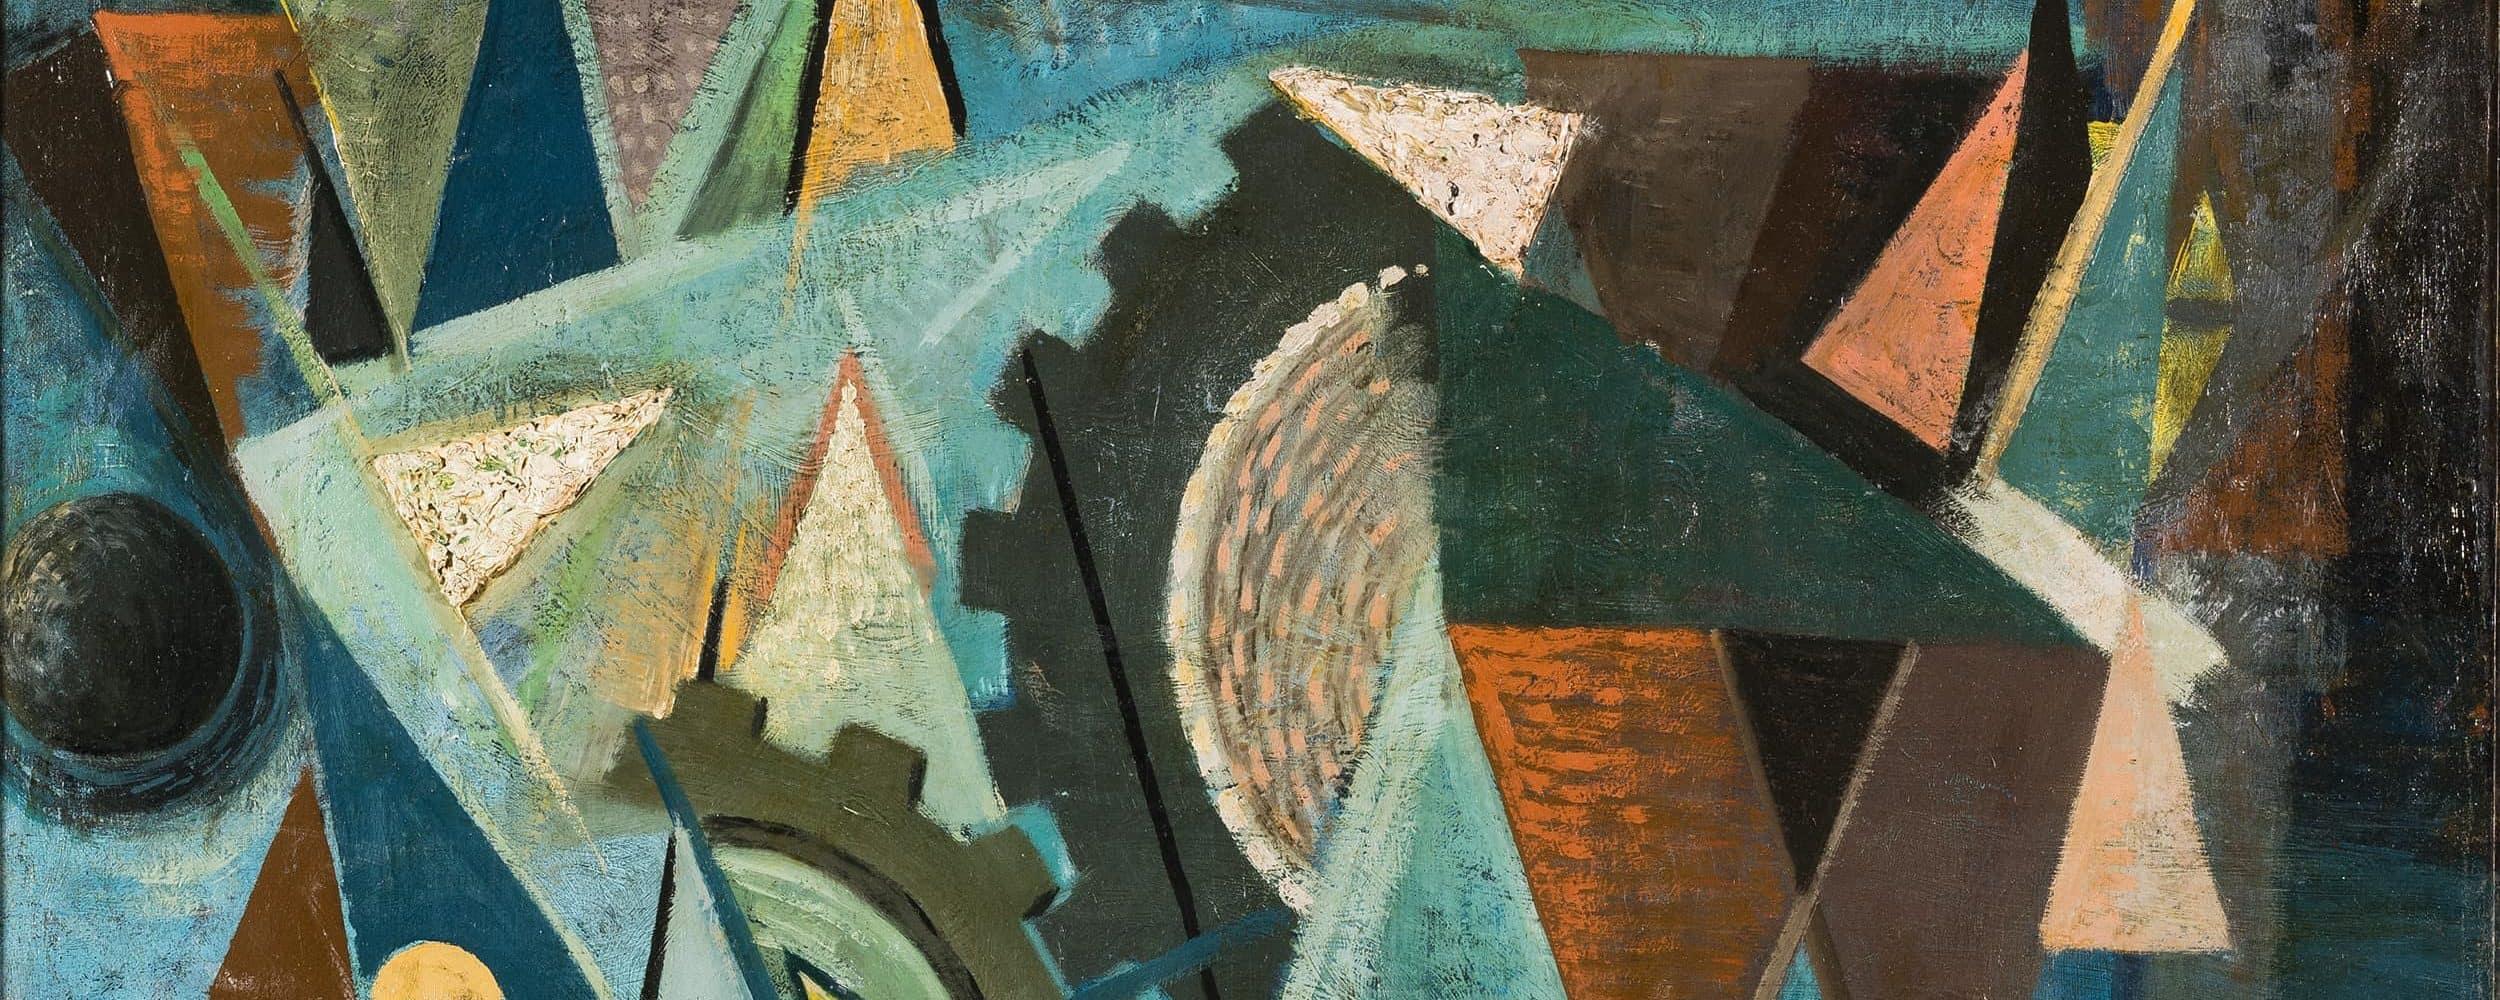 Stillleben mit geometrischen Formen | 1917